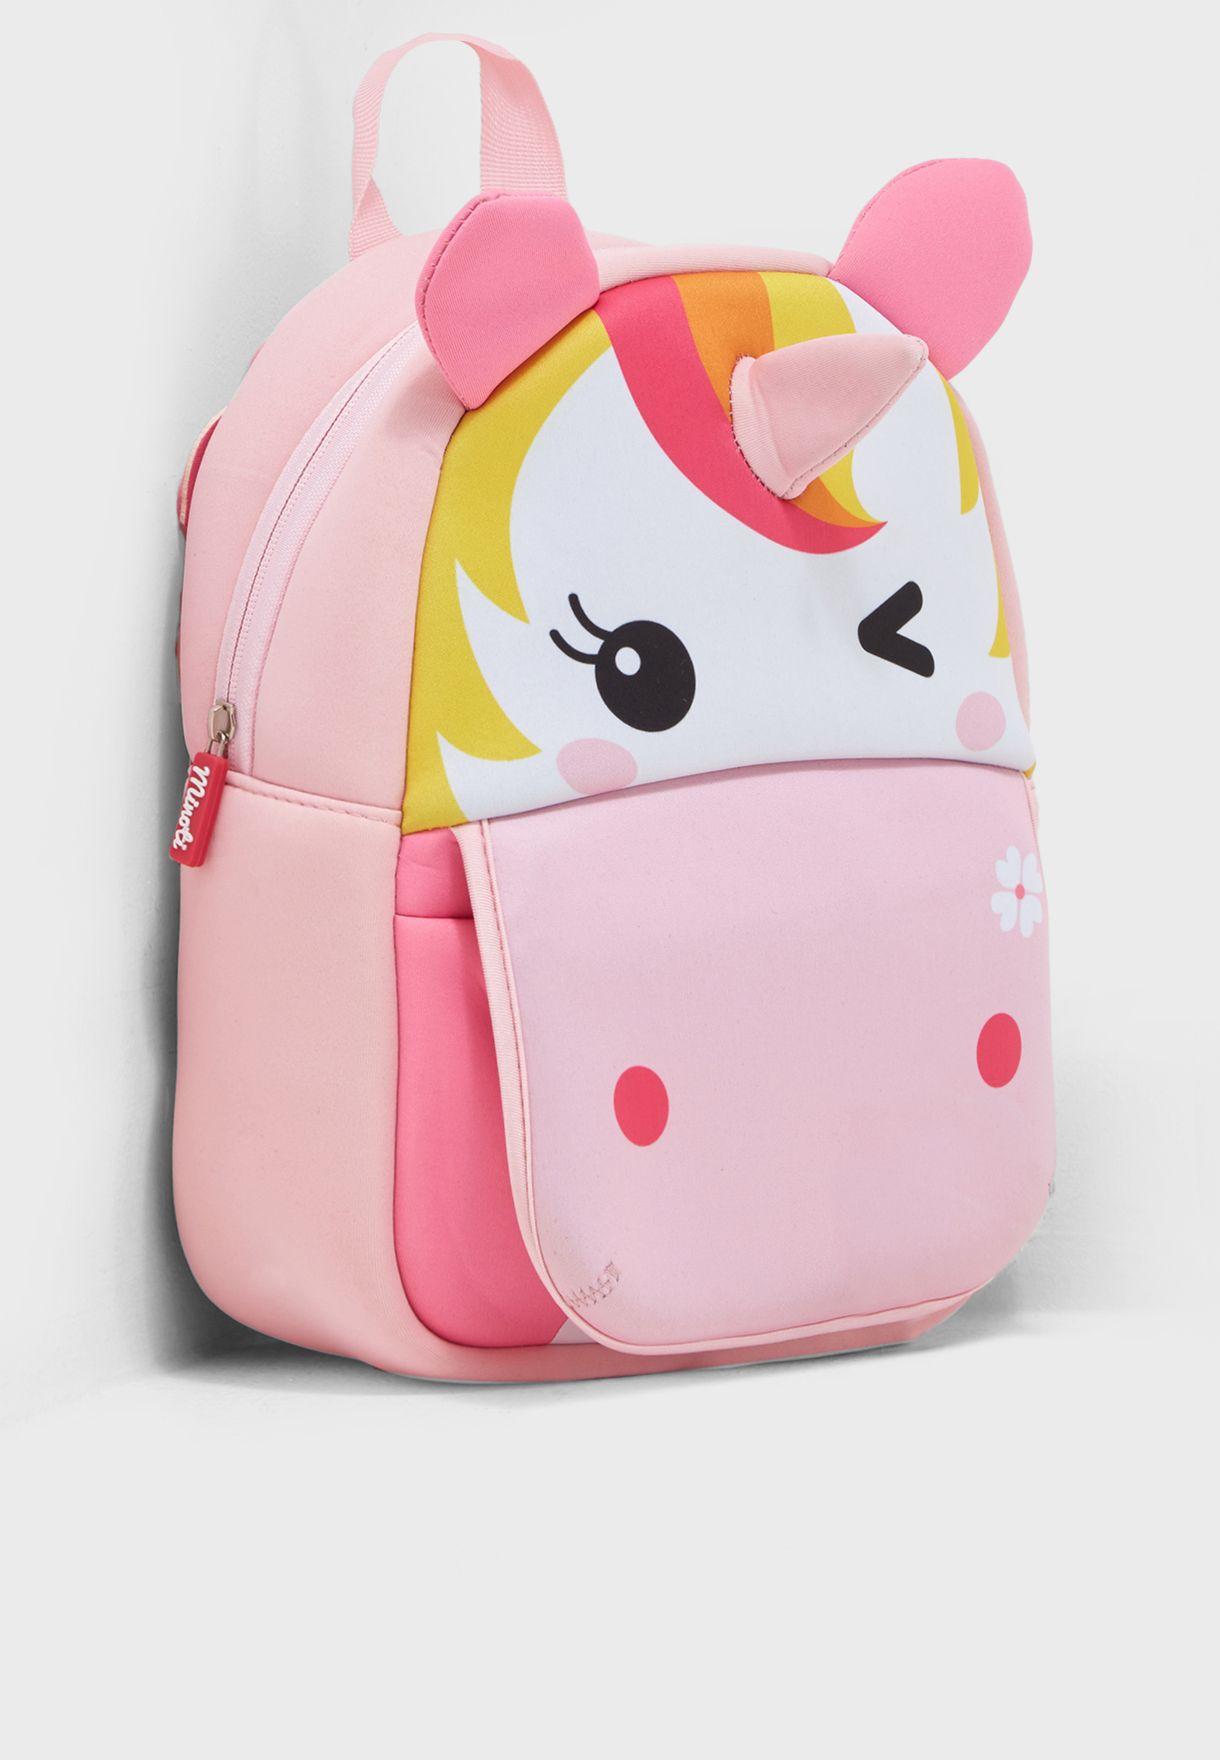 Shop Minoti Multicolor Kids Unicorn Rucksack Bag 8 For Kids In Saudi